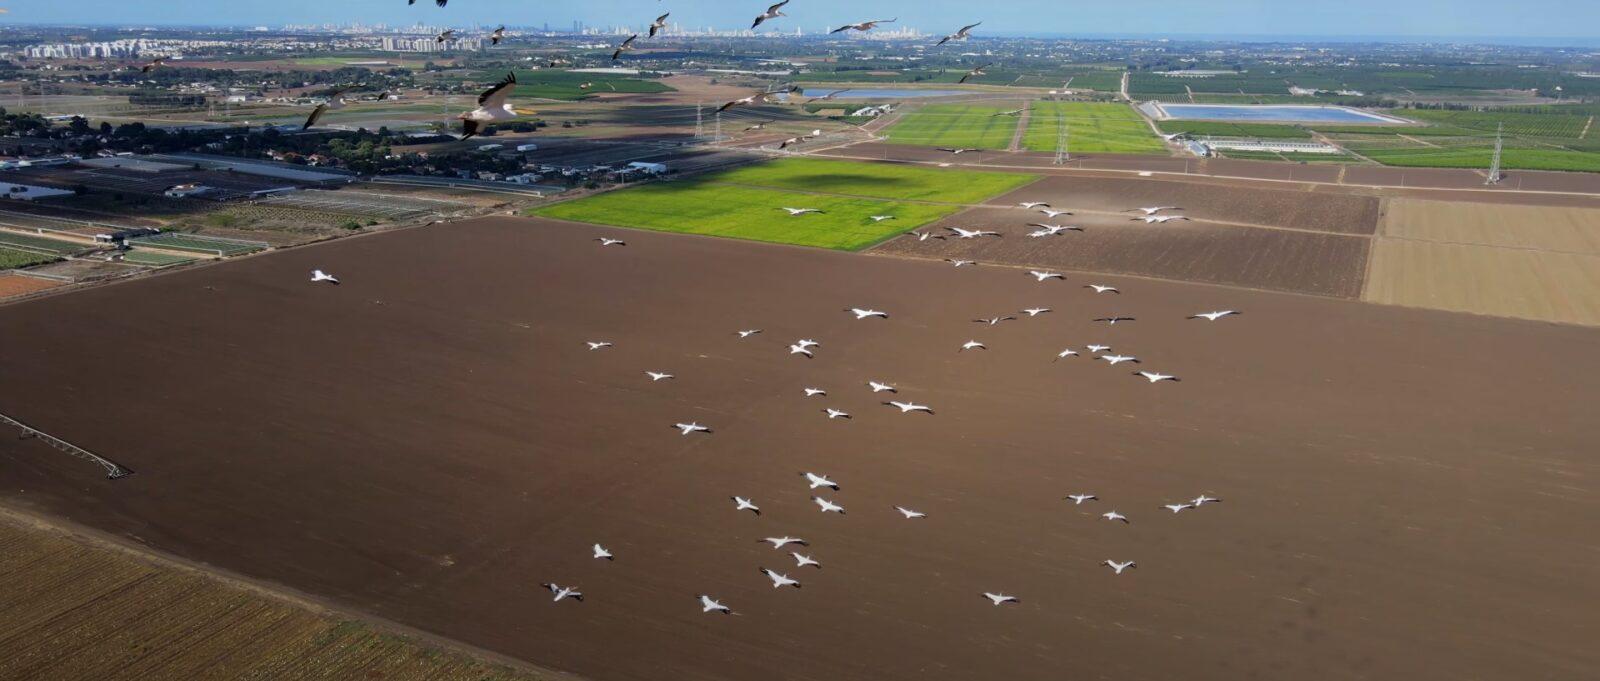 DJI Mavic Air 2 сделал захватывающее видео мигрирующих пеликанов.